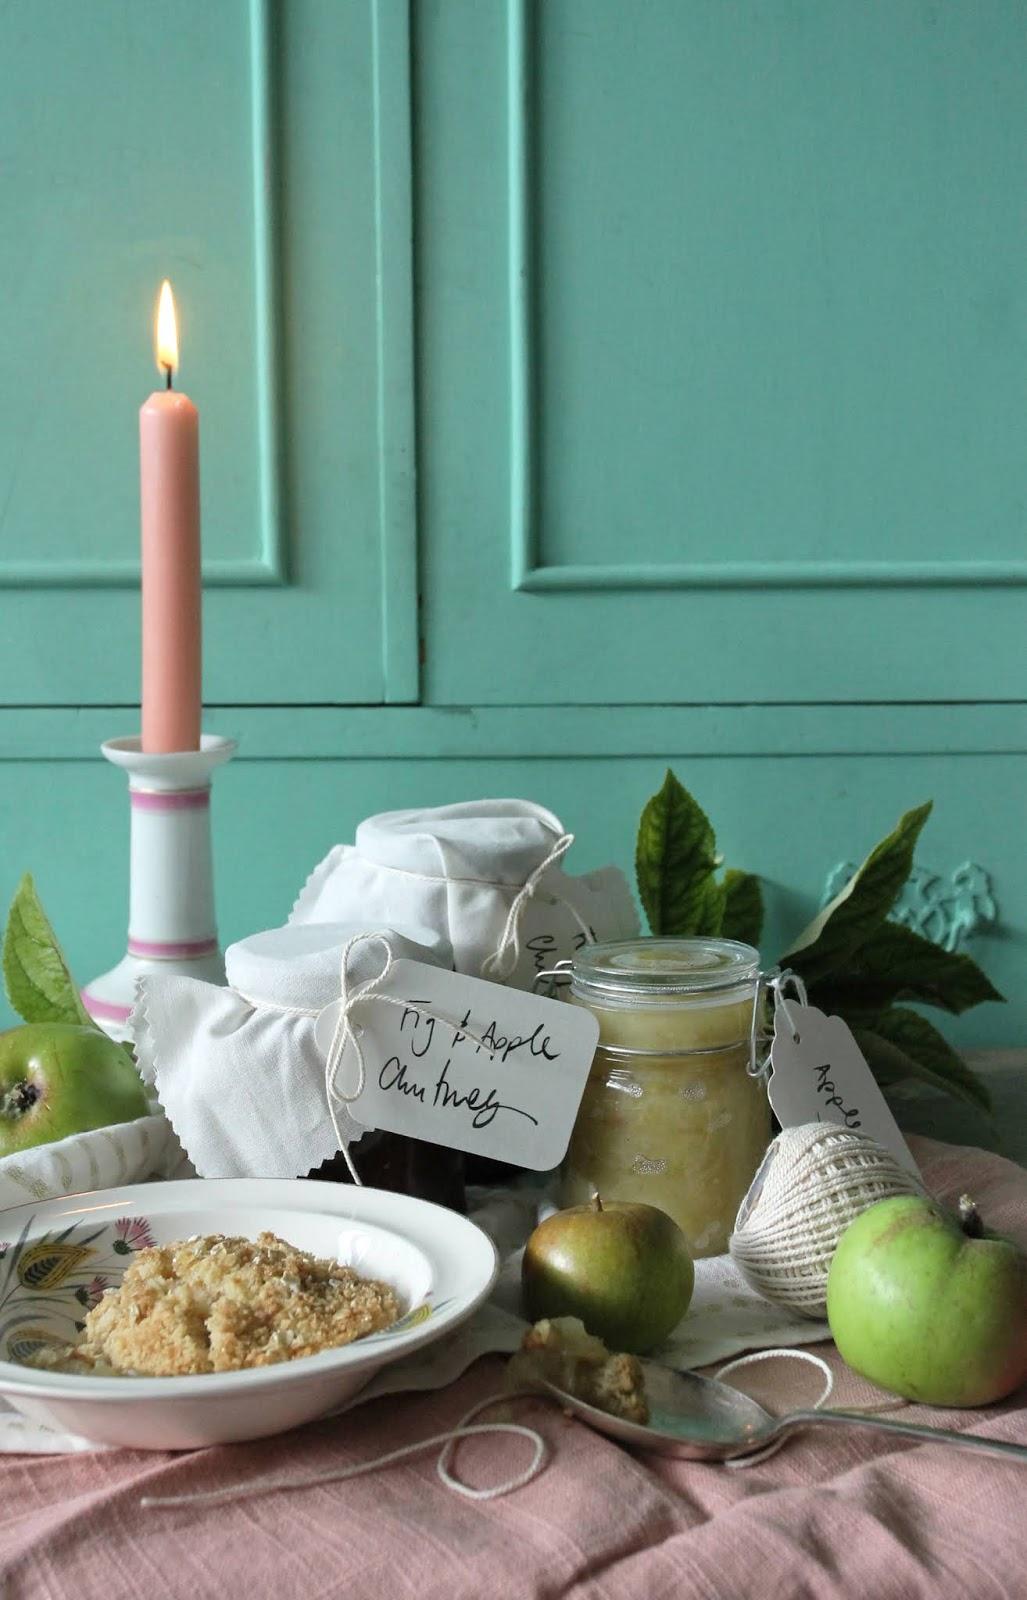 Three ways with autumn apples